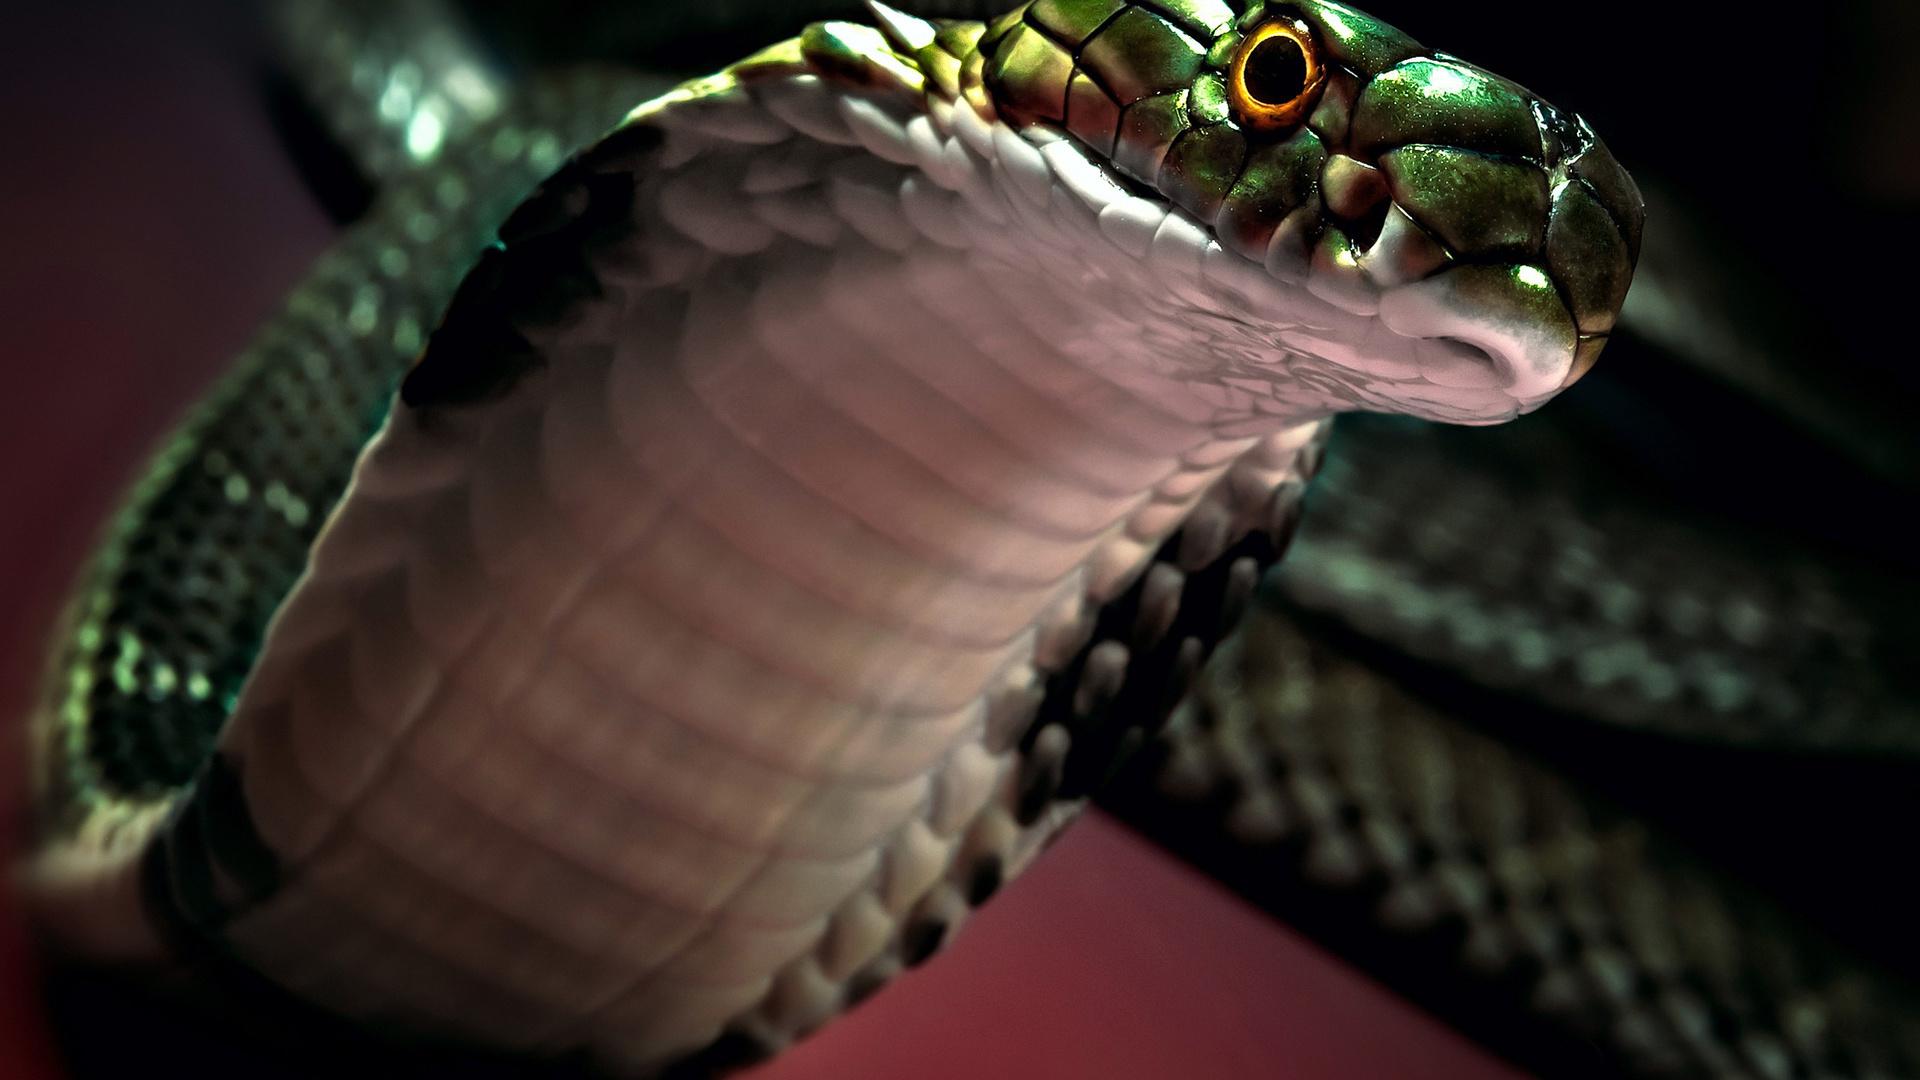 картинки змей для рабочего стола на весь экран значит